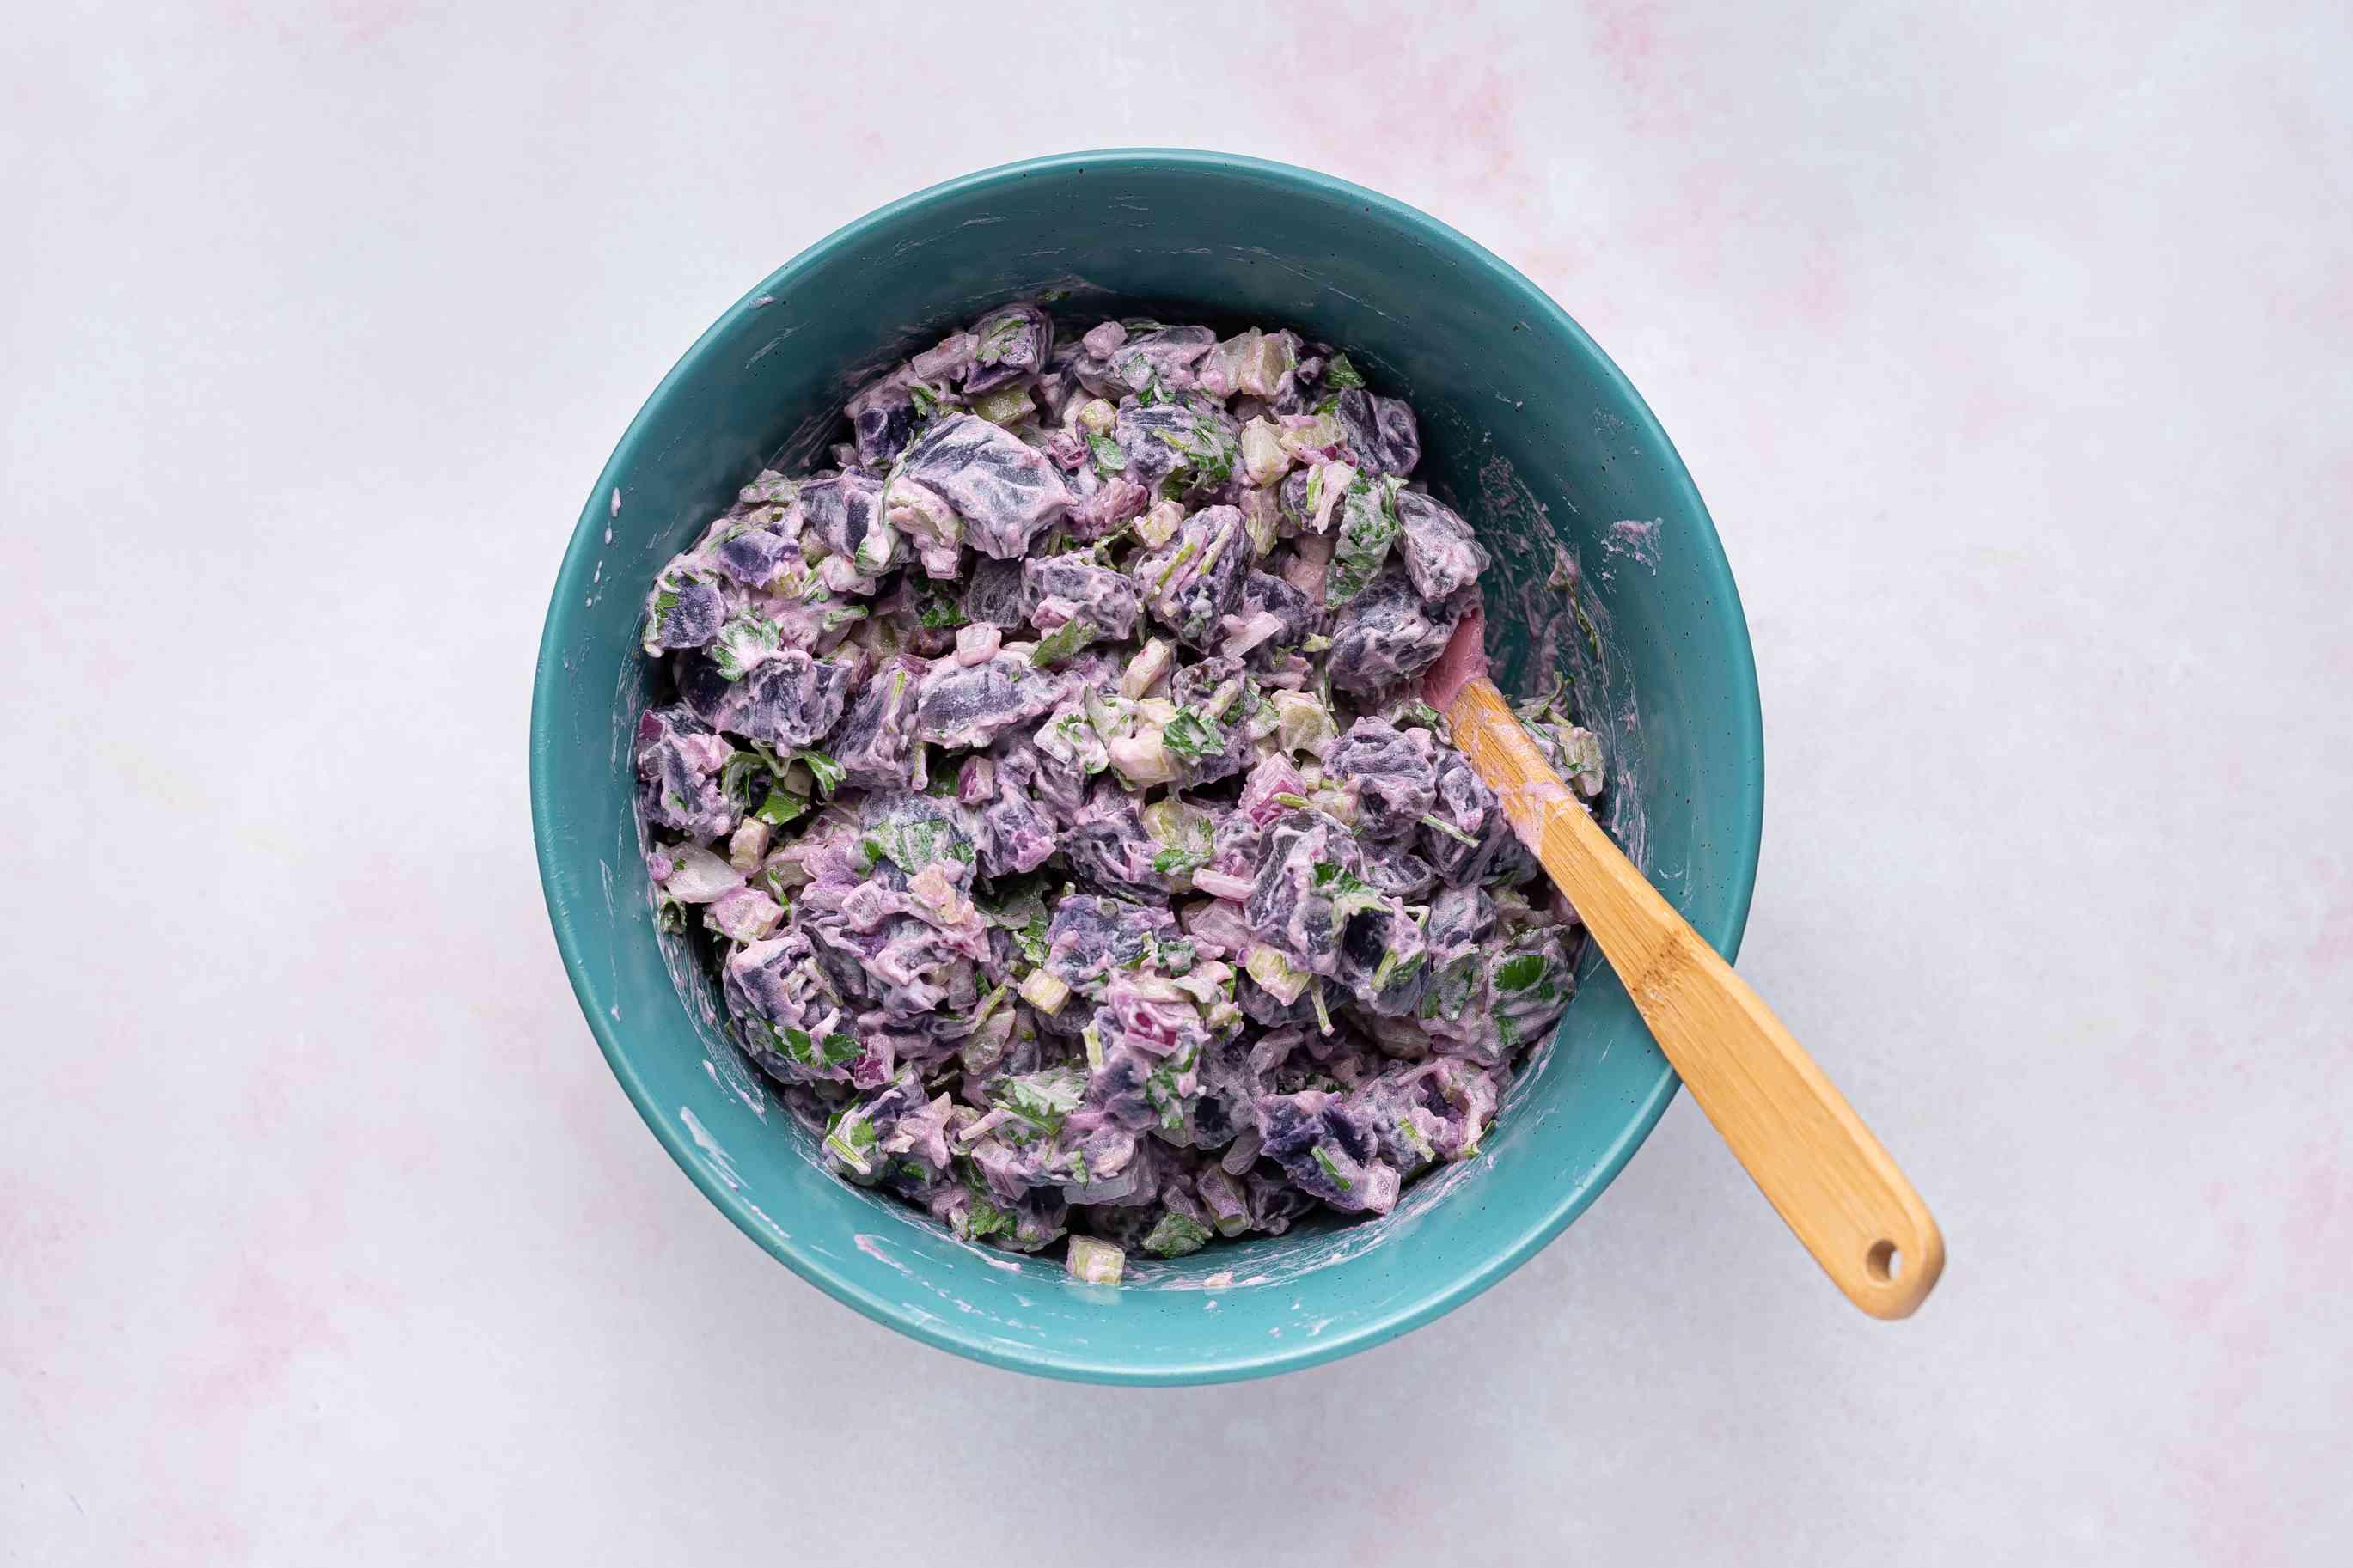 Purple Potato Salad in a bowl